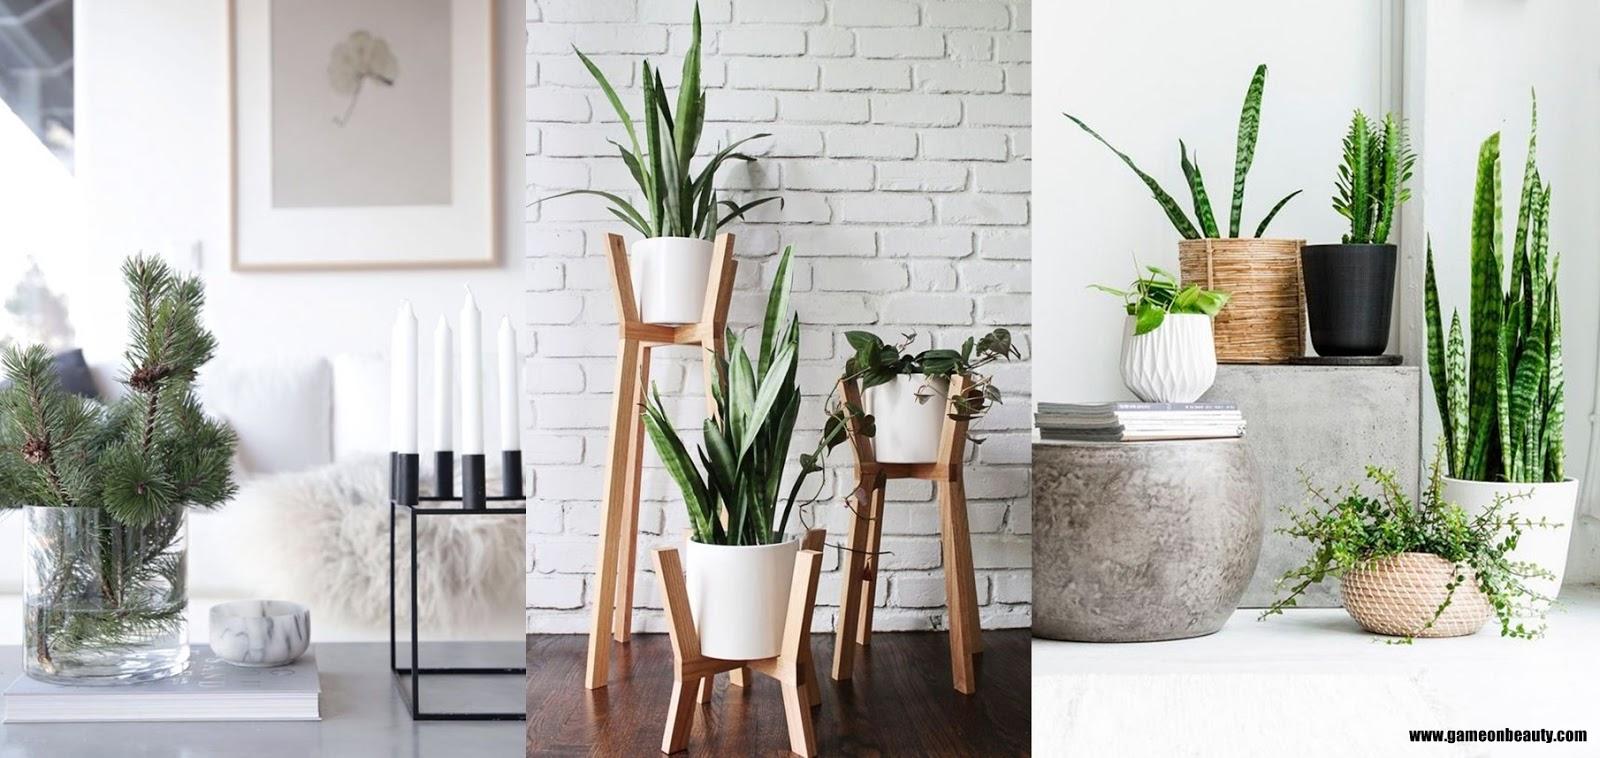 Decoração minimalista com plantas